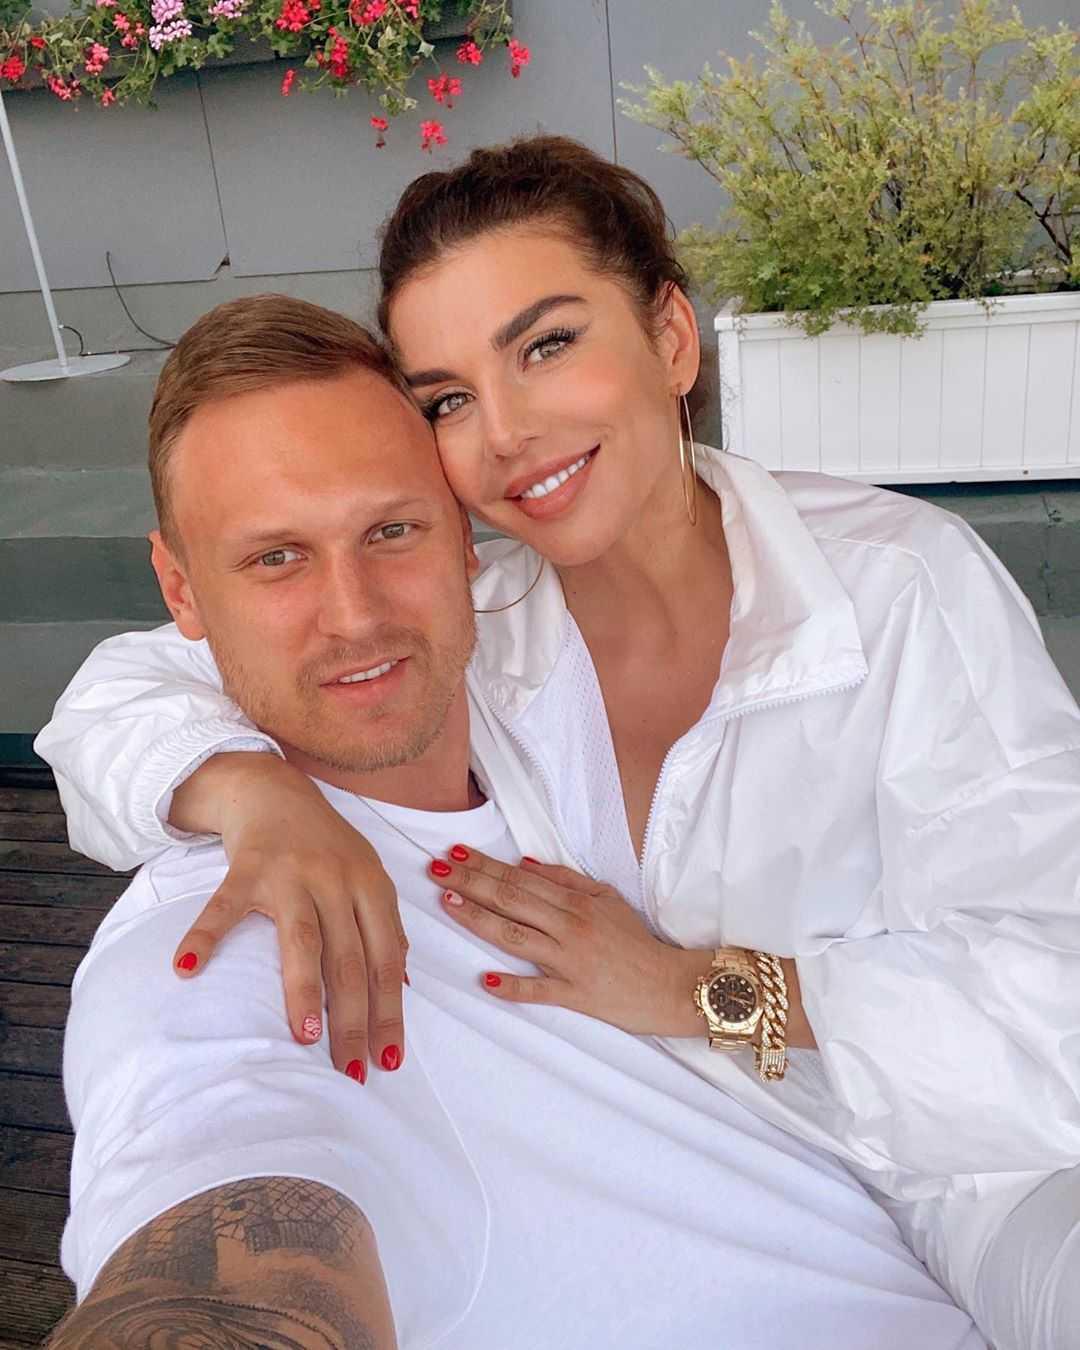 «Чудесная невеста!»: Анна Седокова показала свою свадебную фотографию